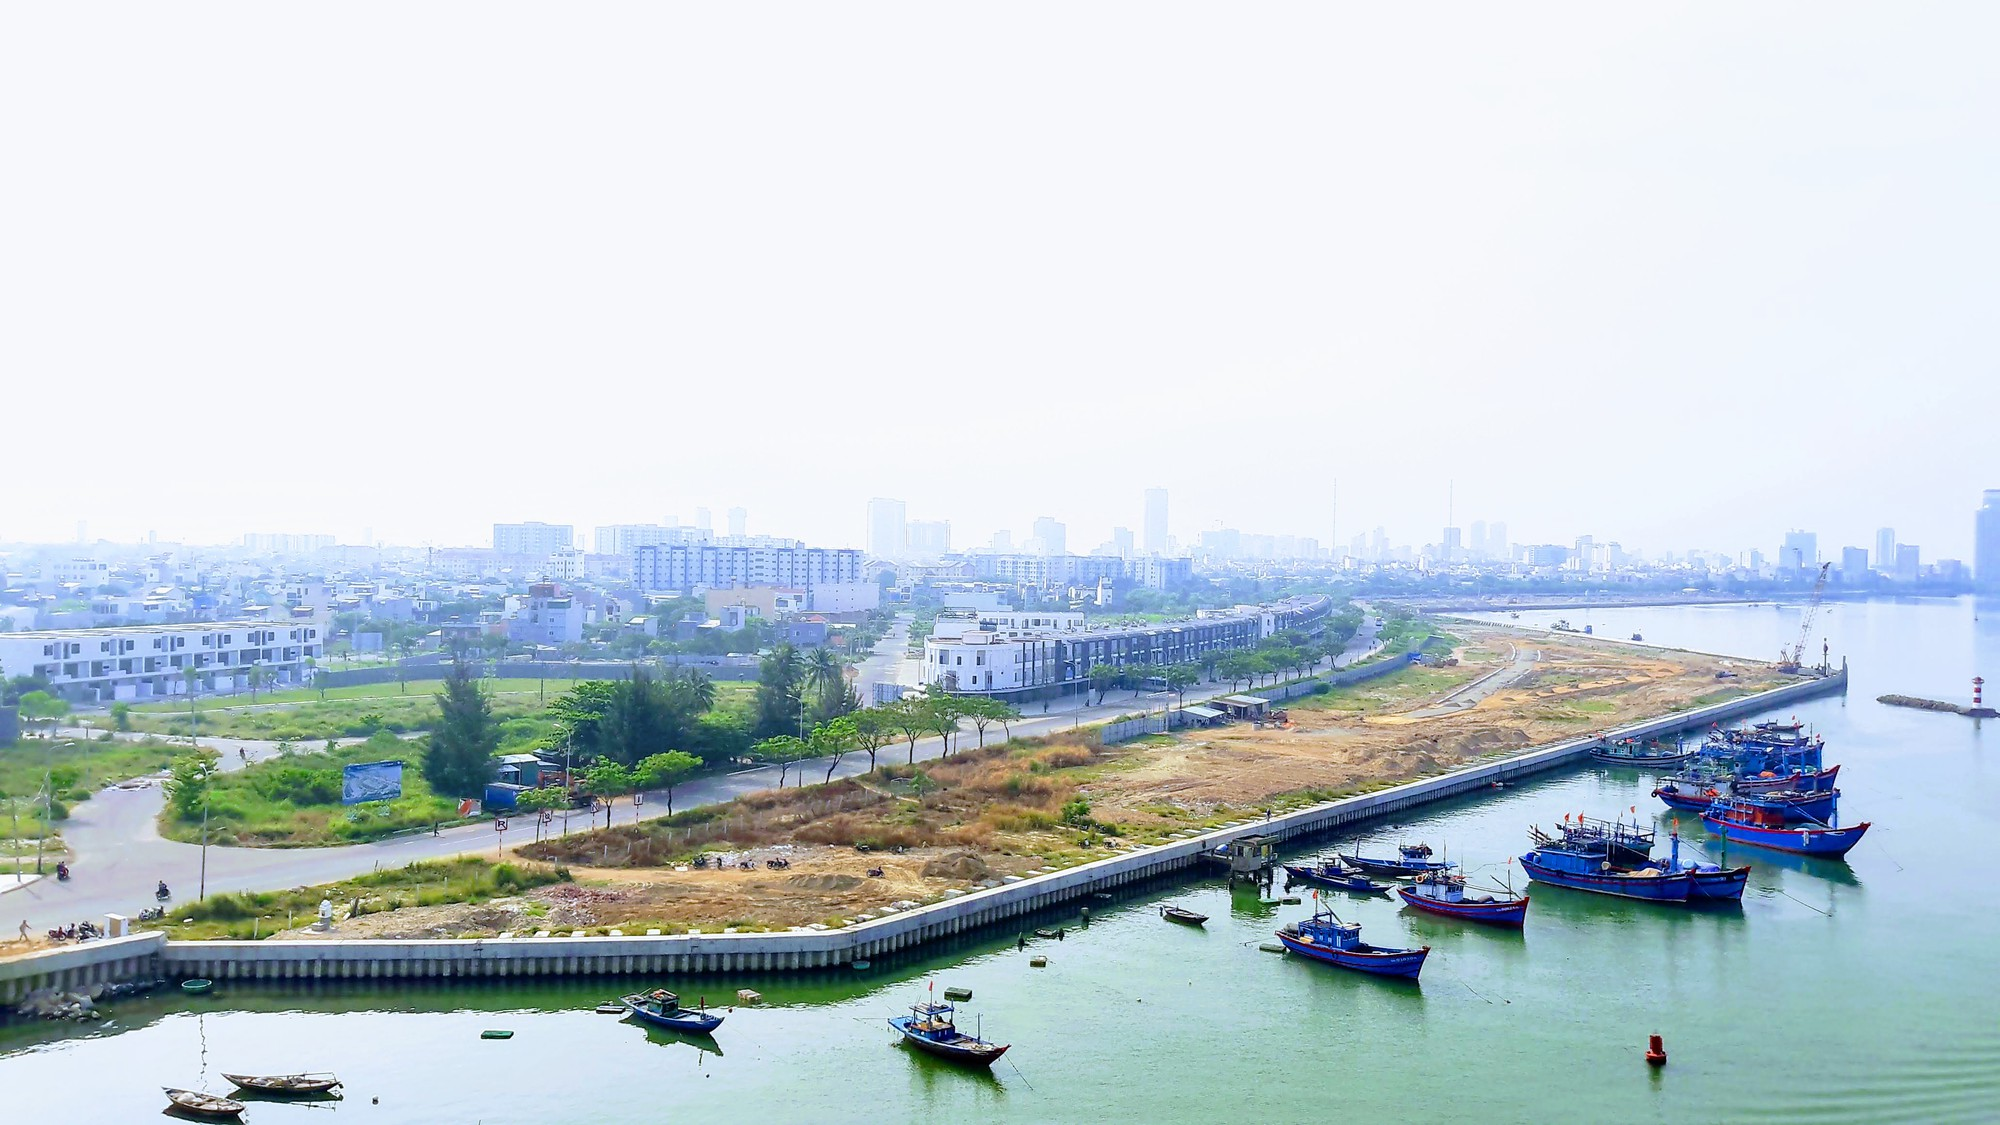 Sông Hàn bị đổ đất làm dự án, Sở Xây dựng Đà Nẵng nói gì? - Ảnh 3.